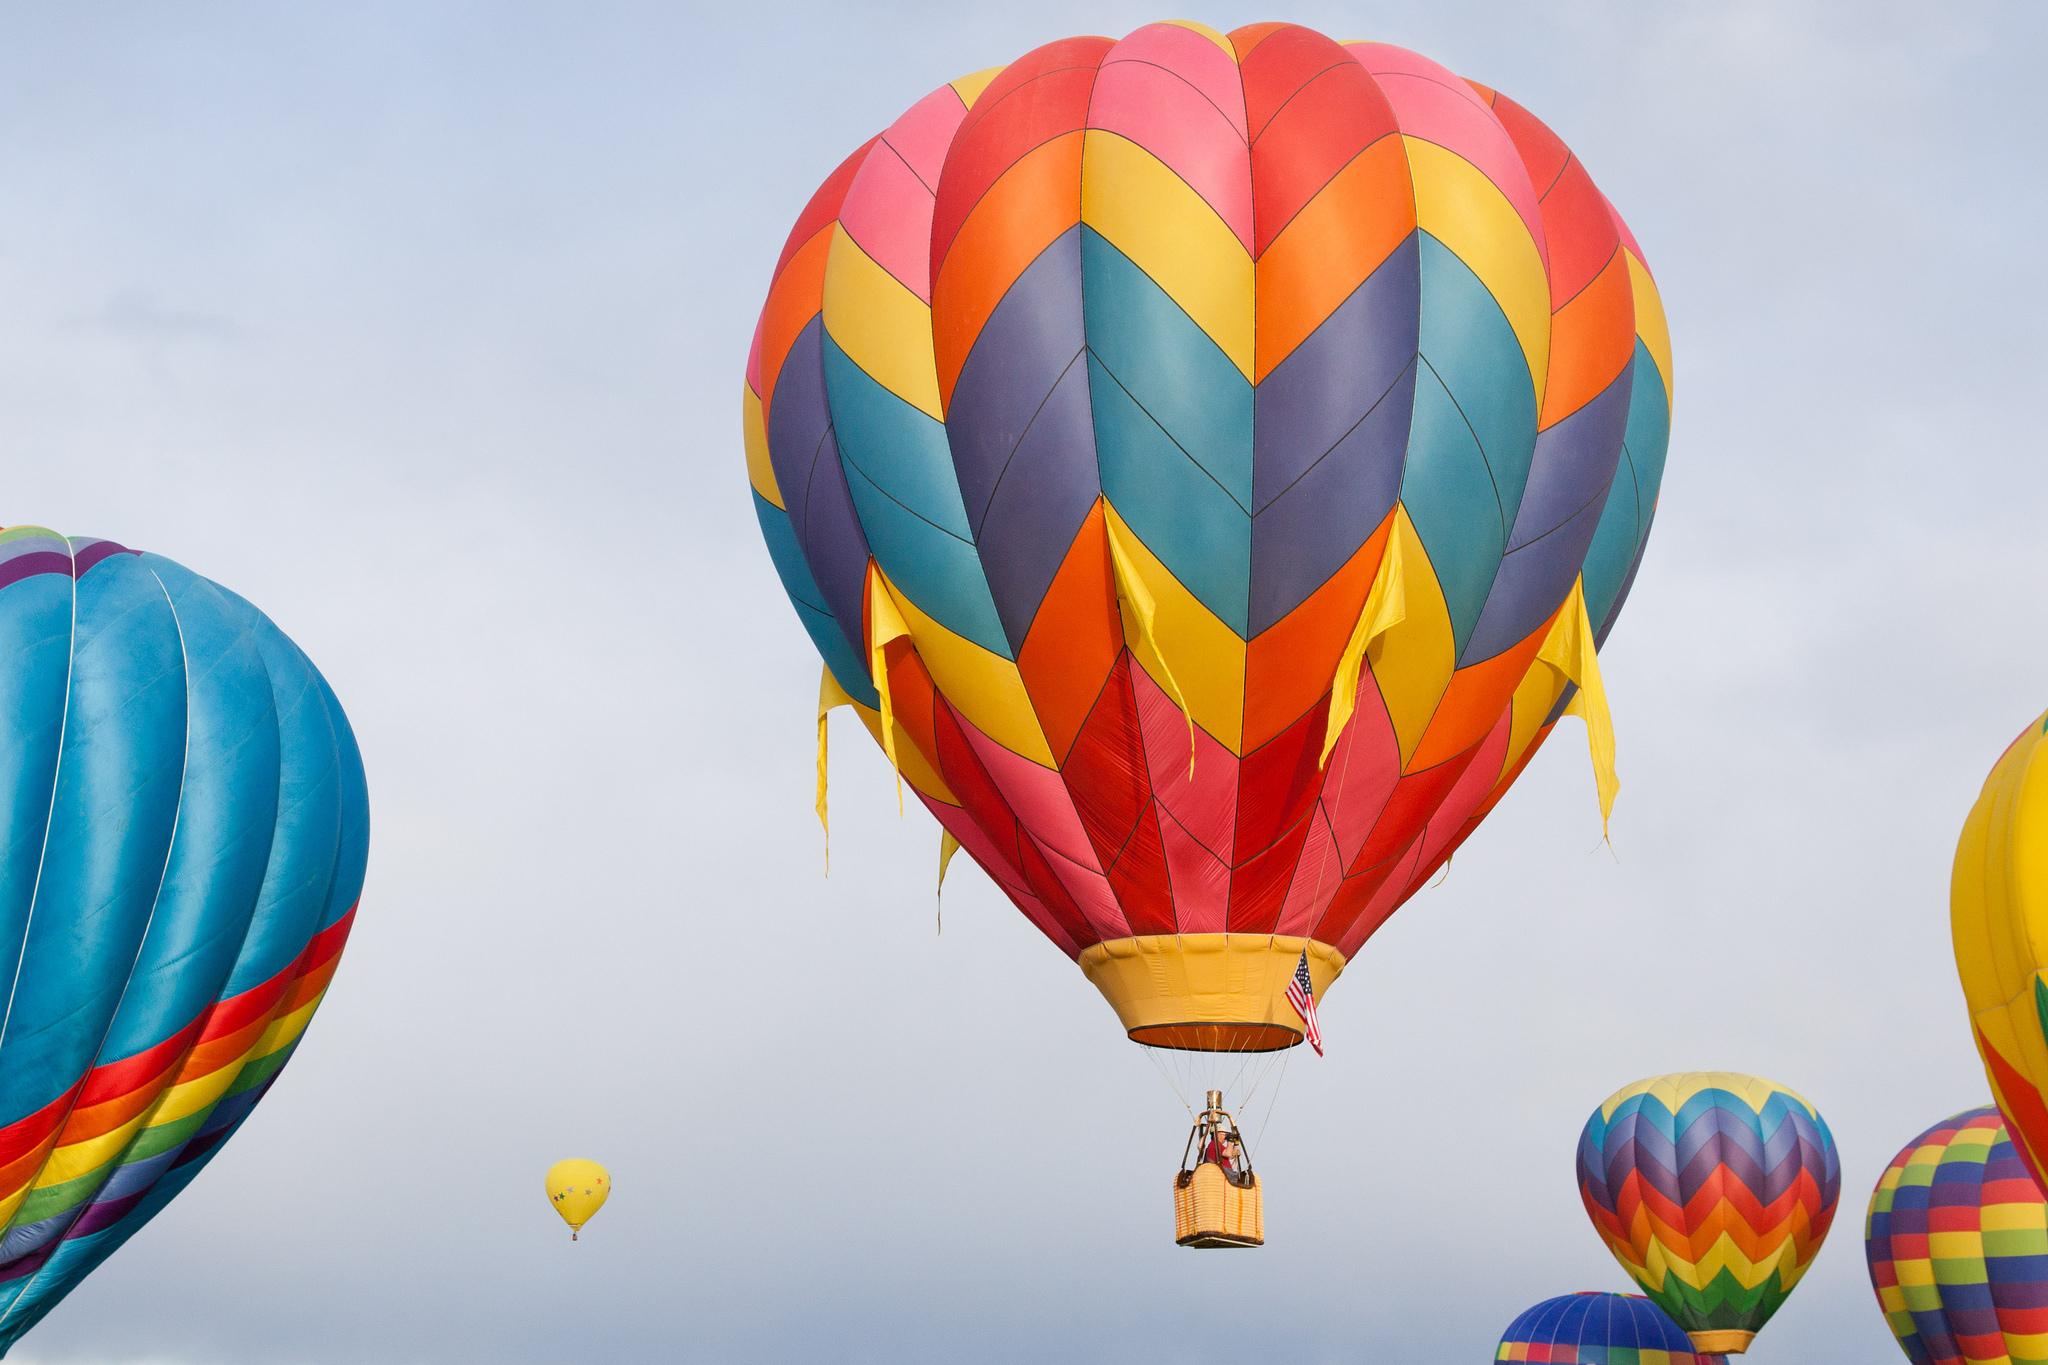 шары небо balls the sky  № 1008076 бесплатно